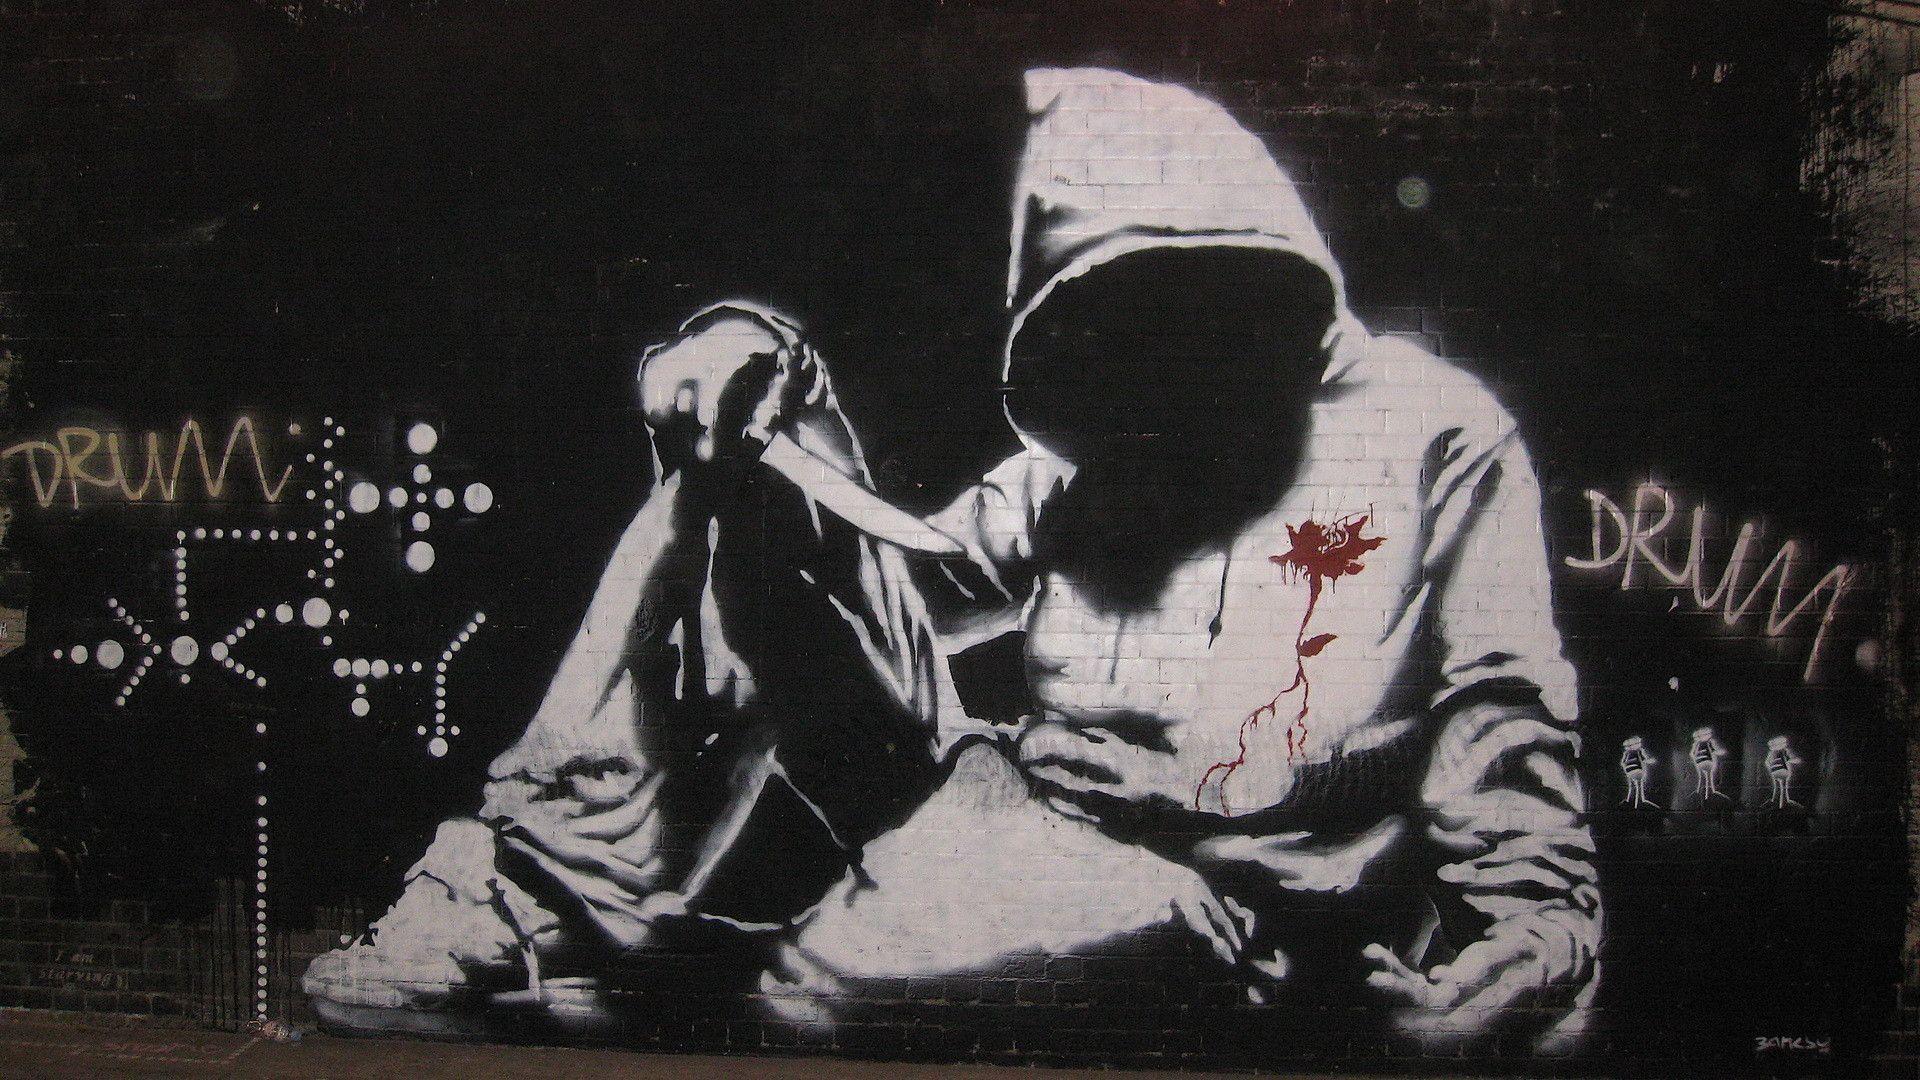 Banksy-desktop-wallpaper-hd-2.jpg